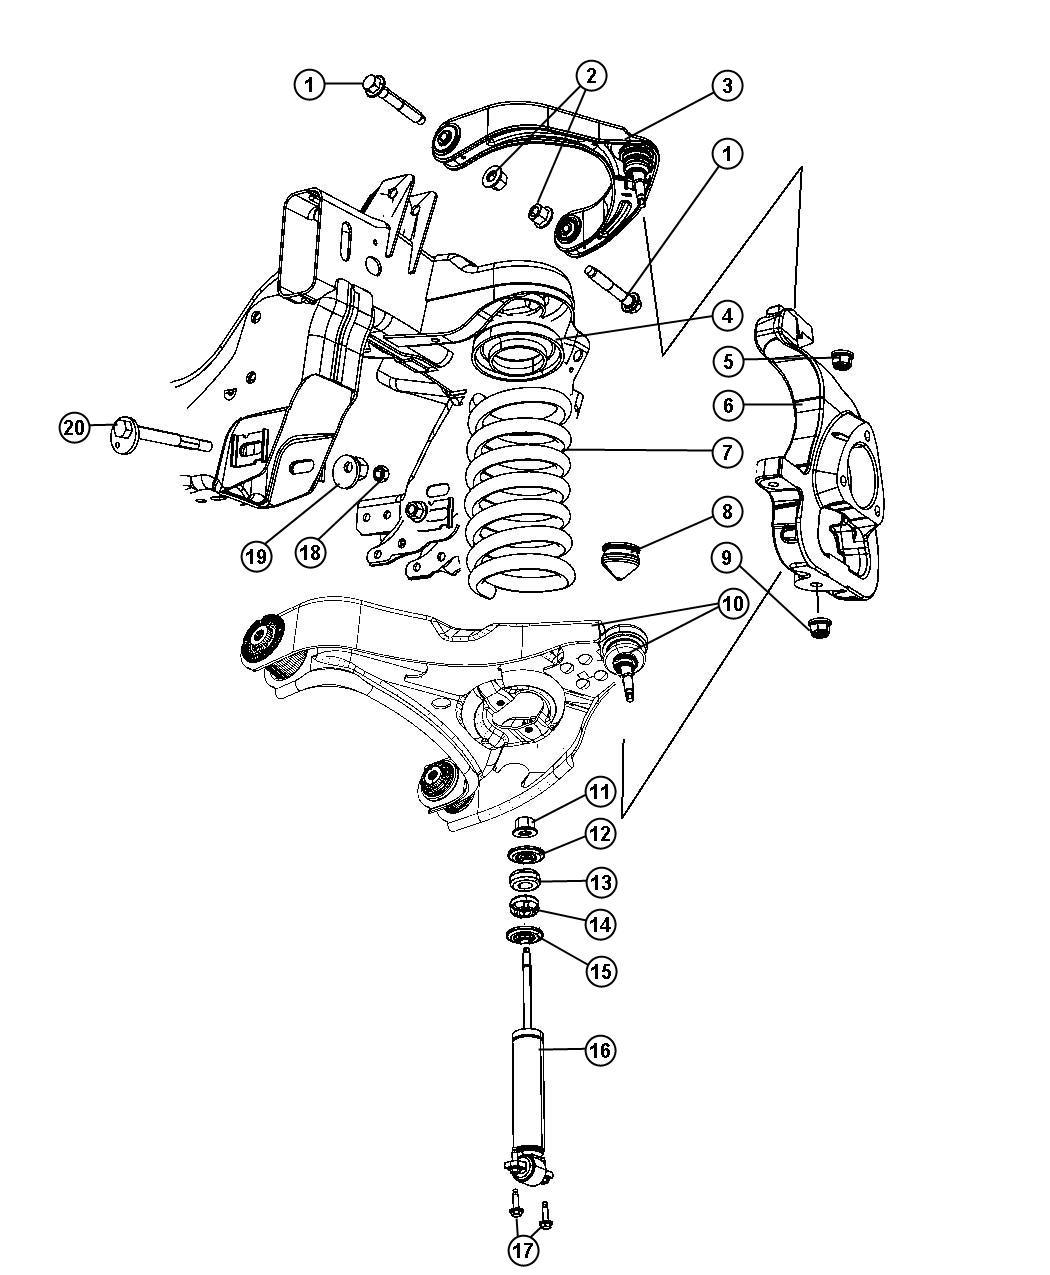 Dodge Ram Front End Parts